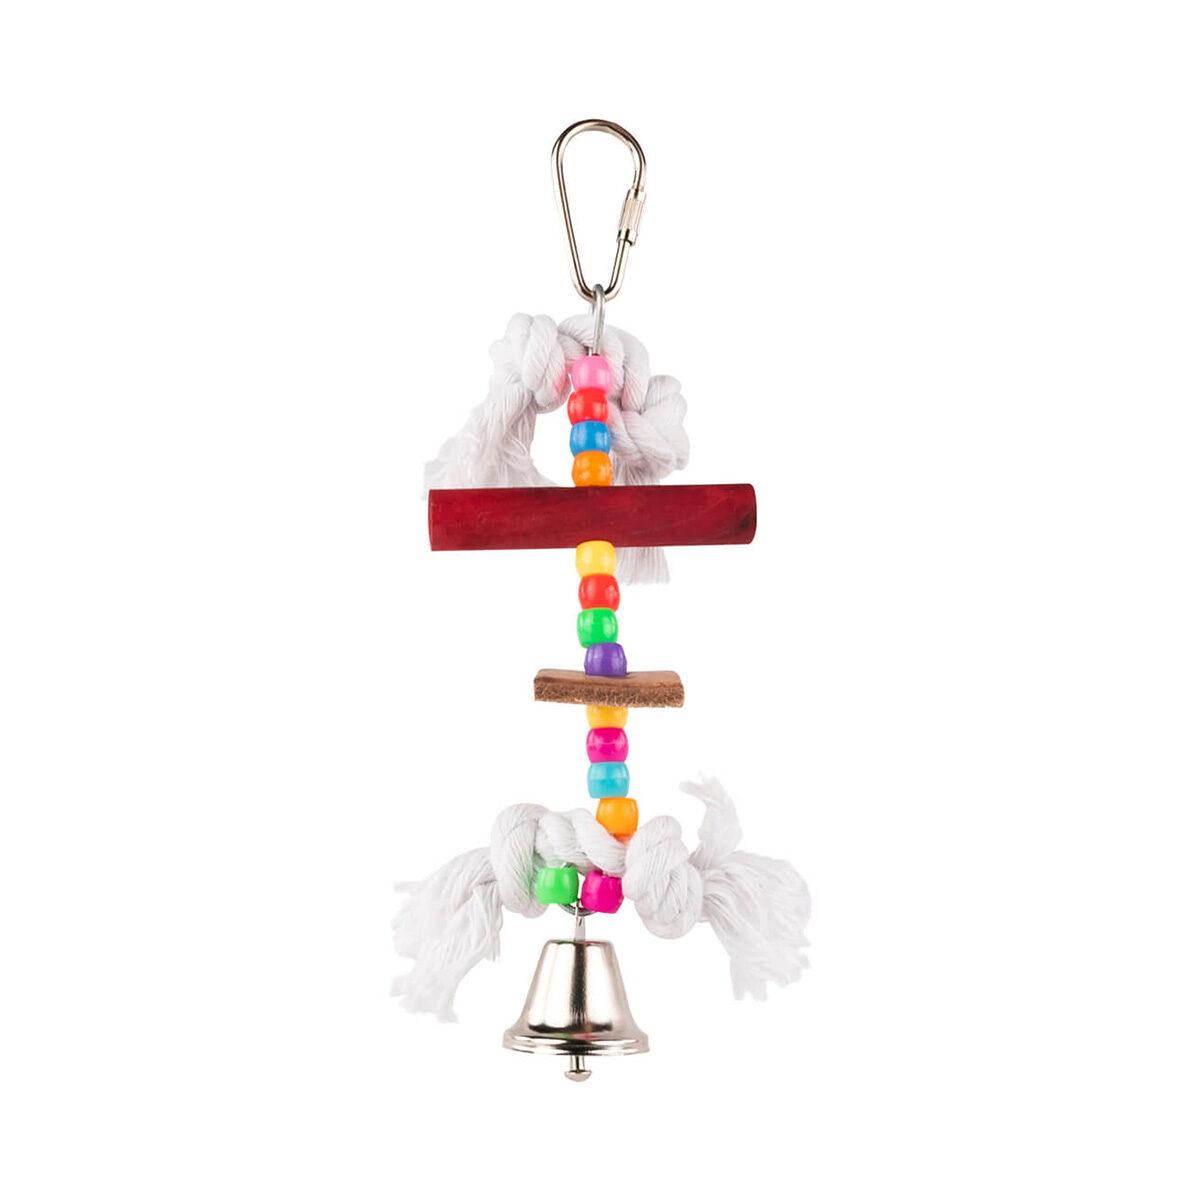 vogelspeelgoed-met-kralen-katoen-en-bel-15-cm